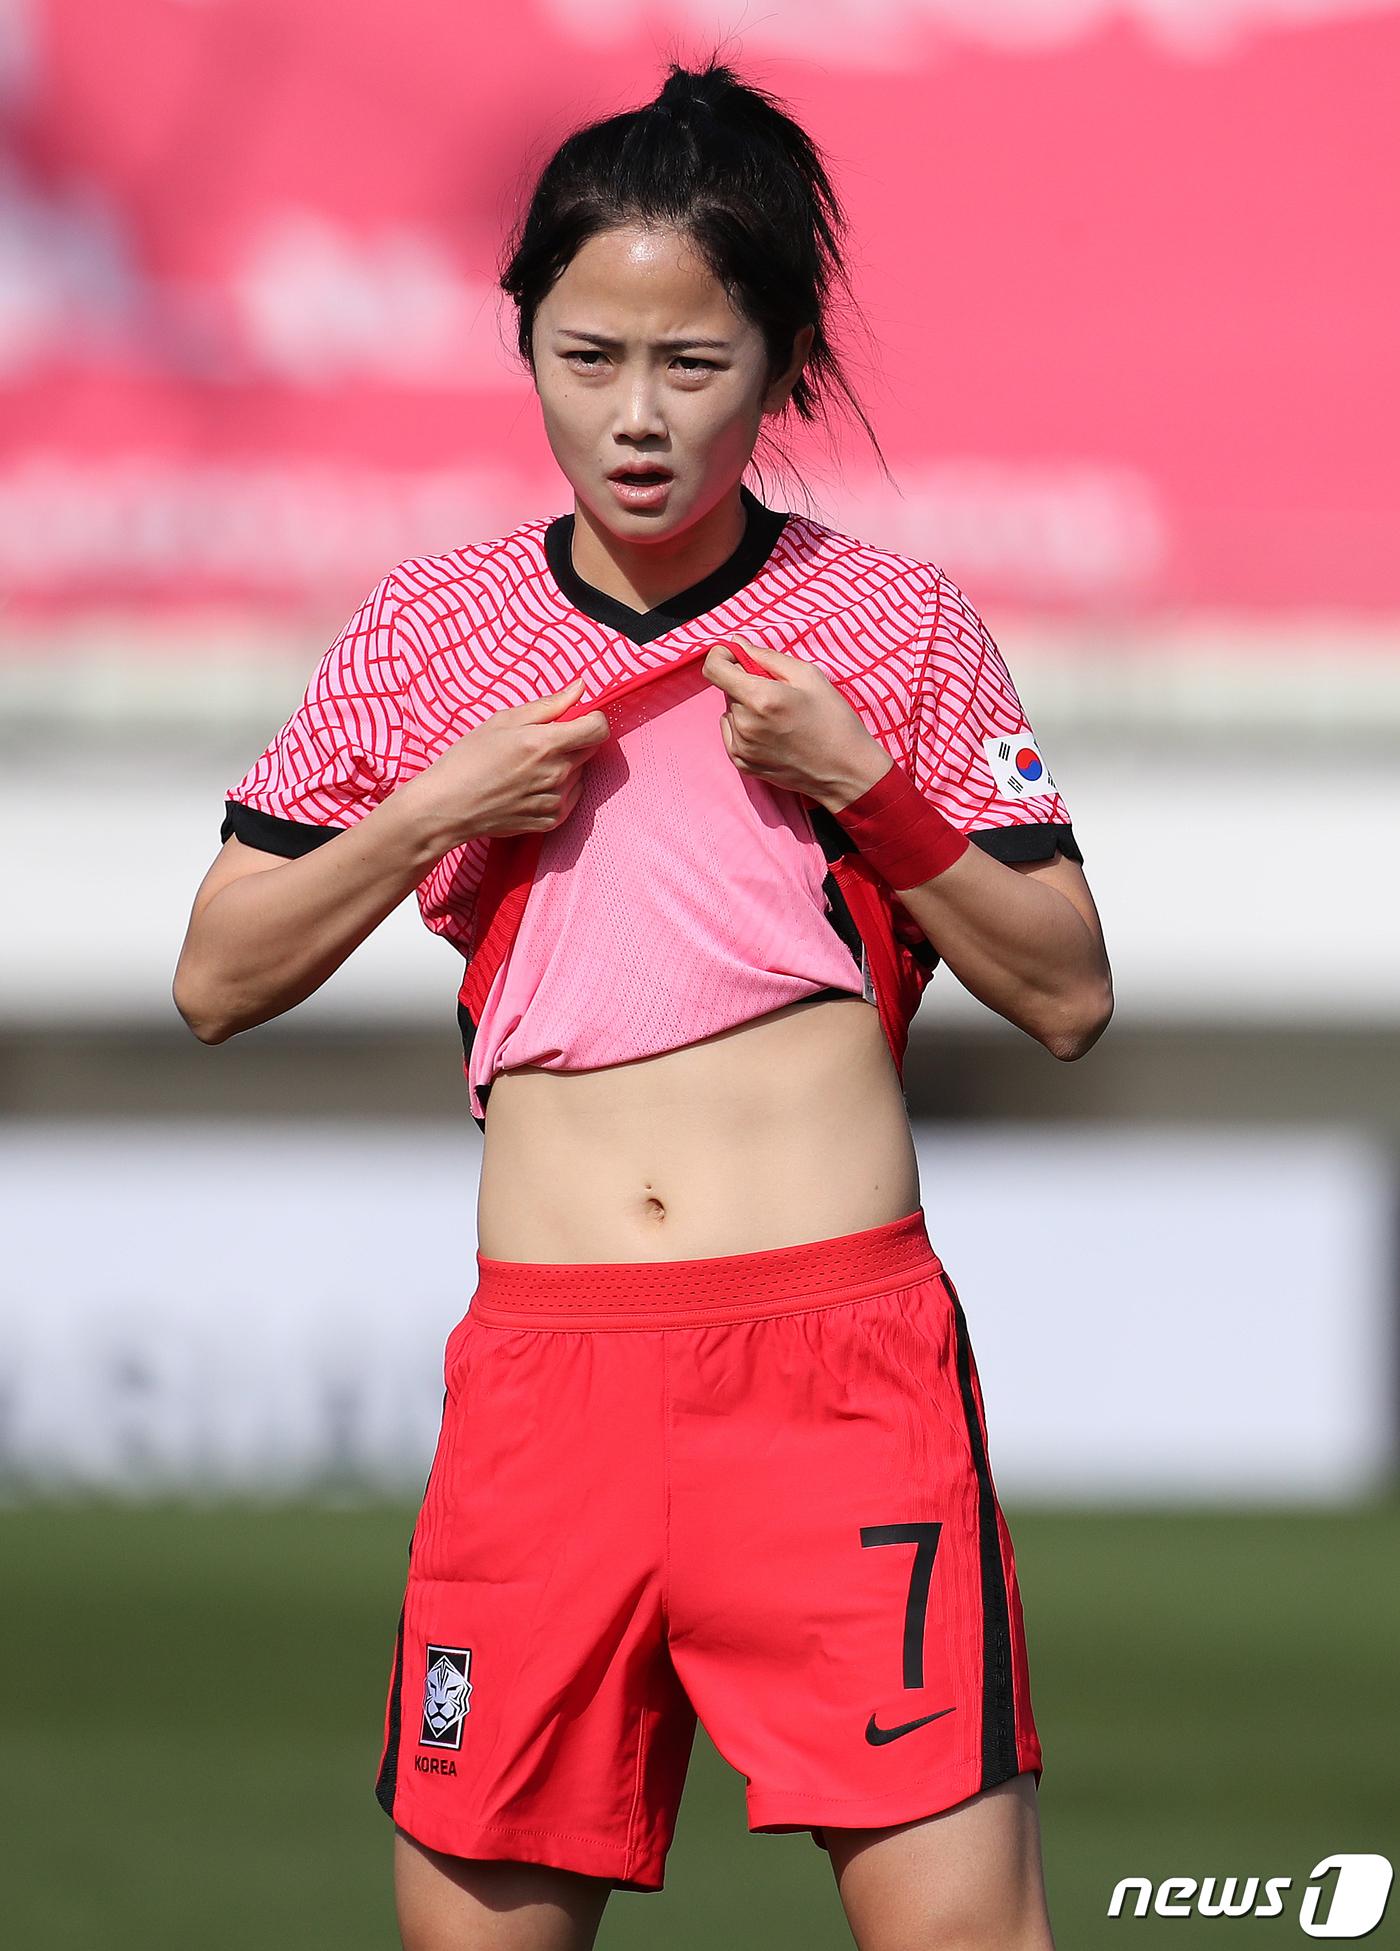 이민아 '남자선수 못지 않은 탄탄한 복근' : ZUM 뉴스